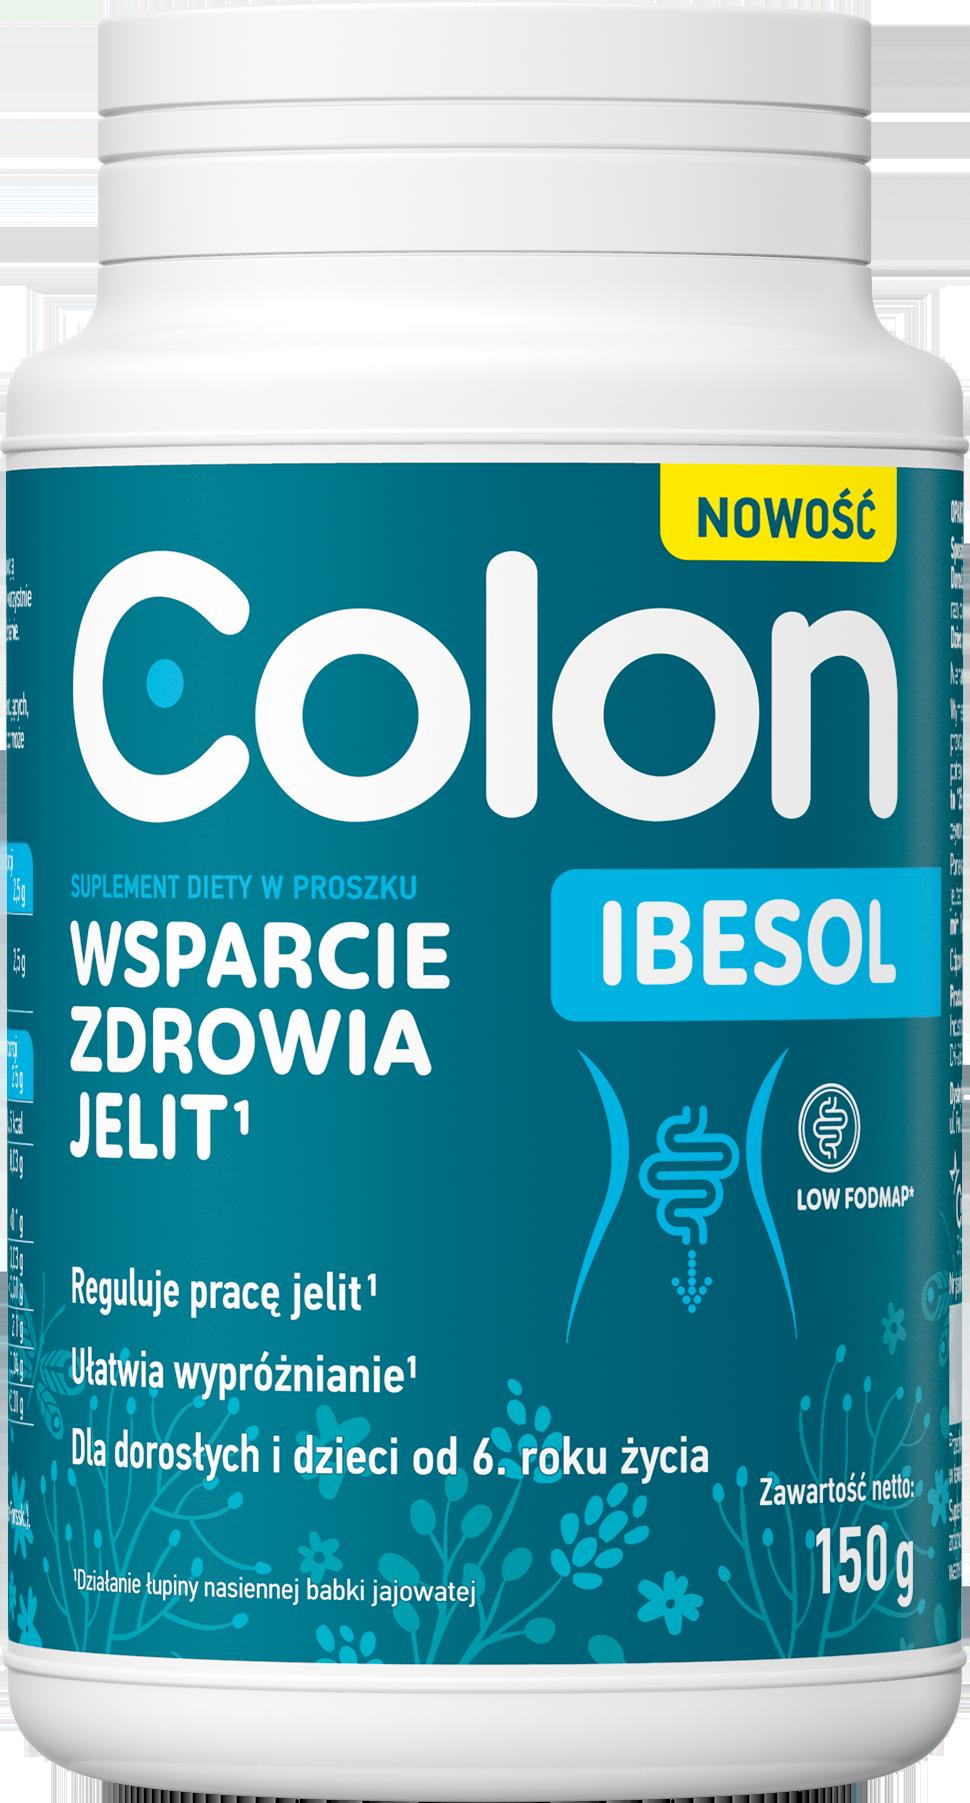 Colon ibesol wsparcie zdrowia jelit 150g